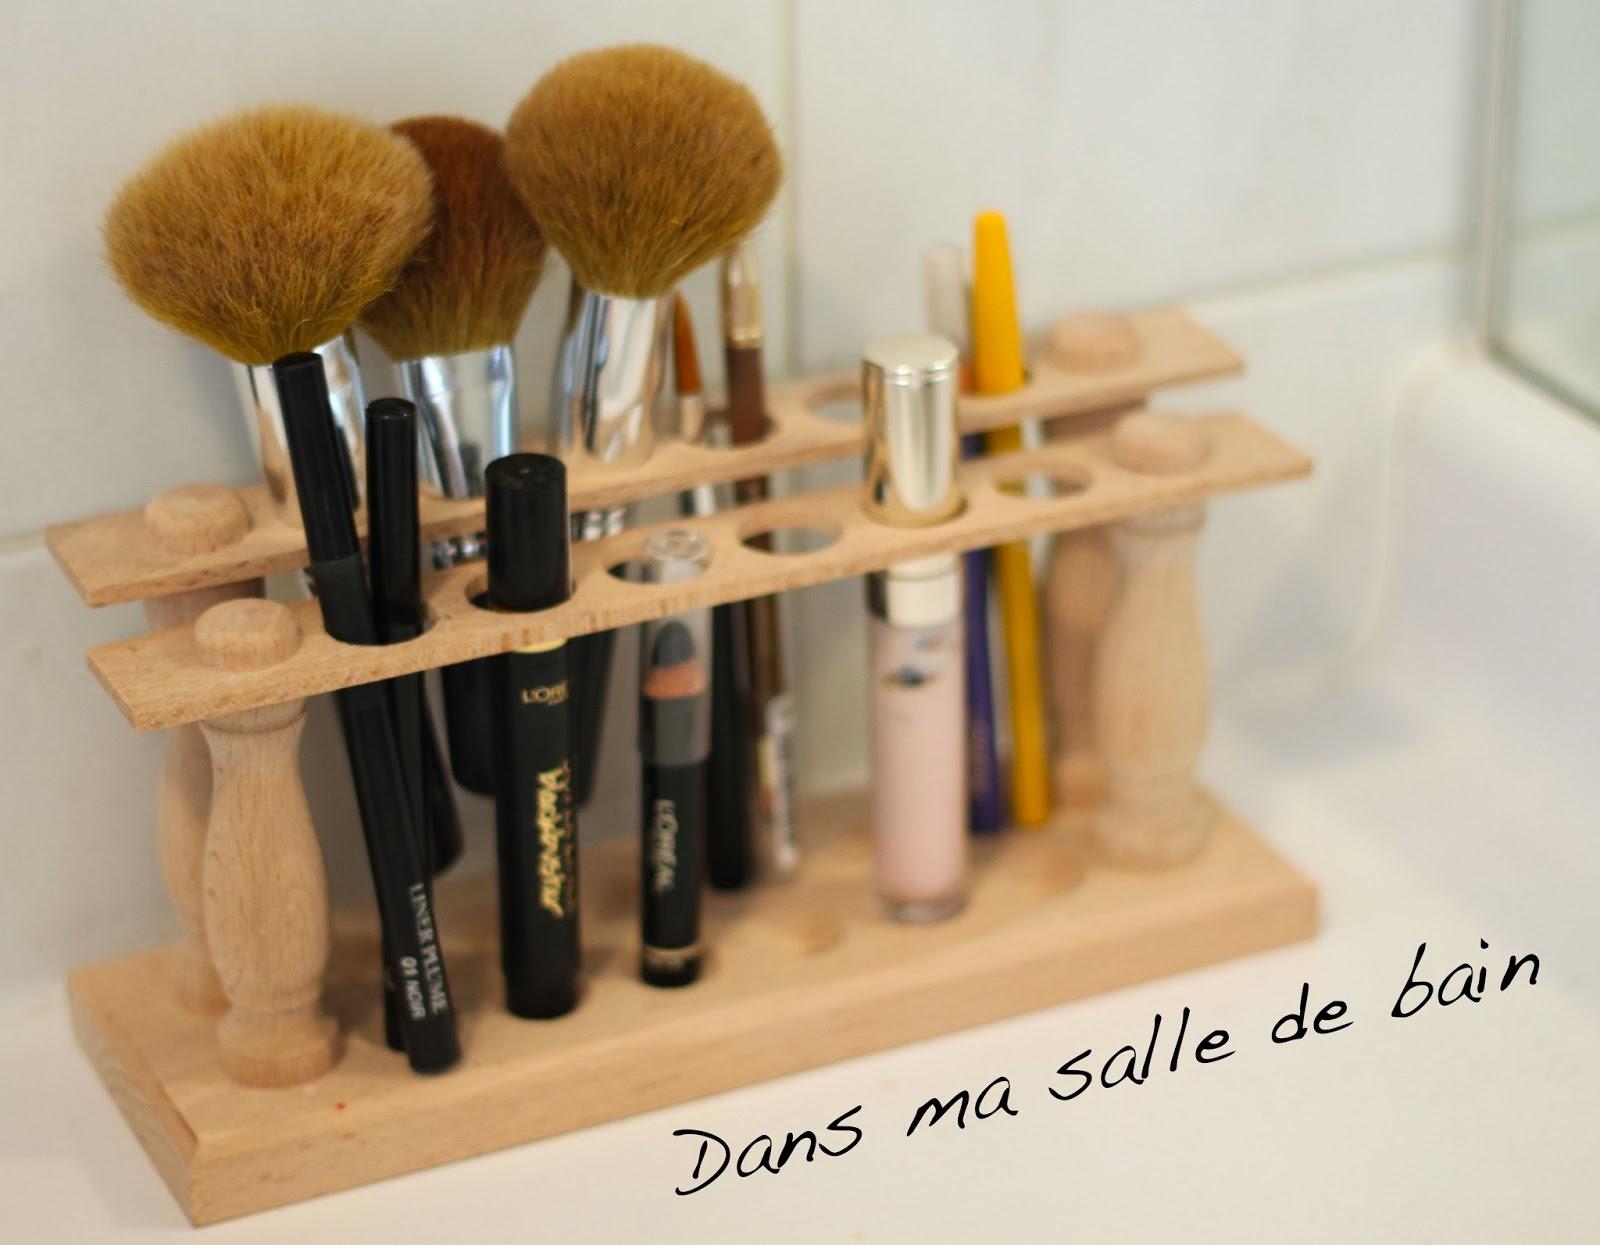 Dans ma salle de bain slanelle style blog mode voyage for Dans ma salle de bain